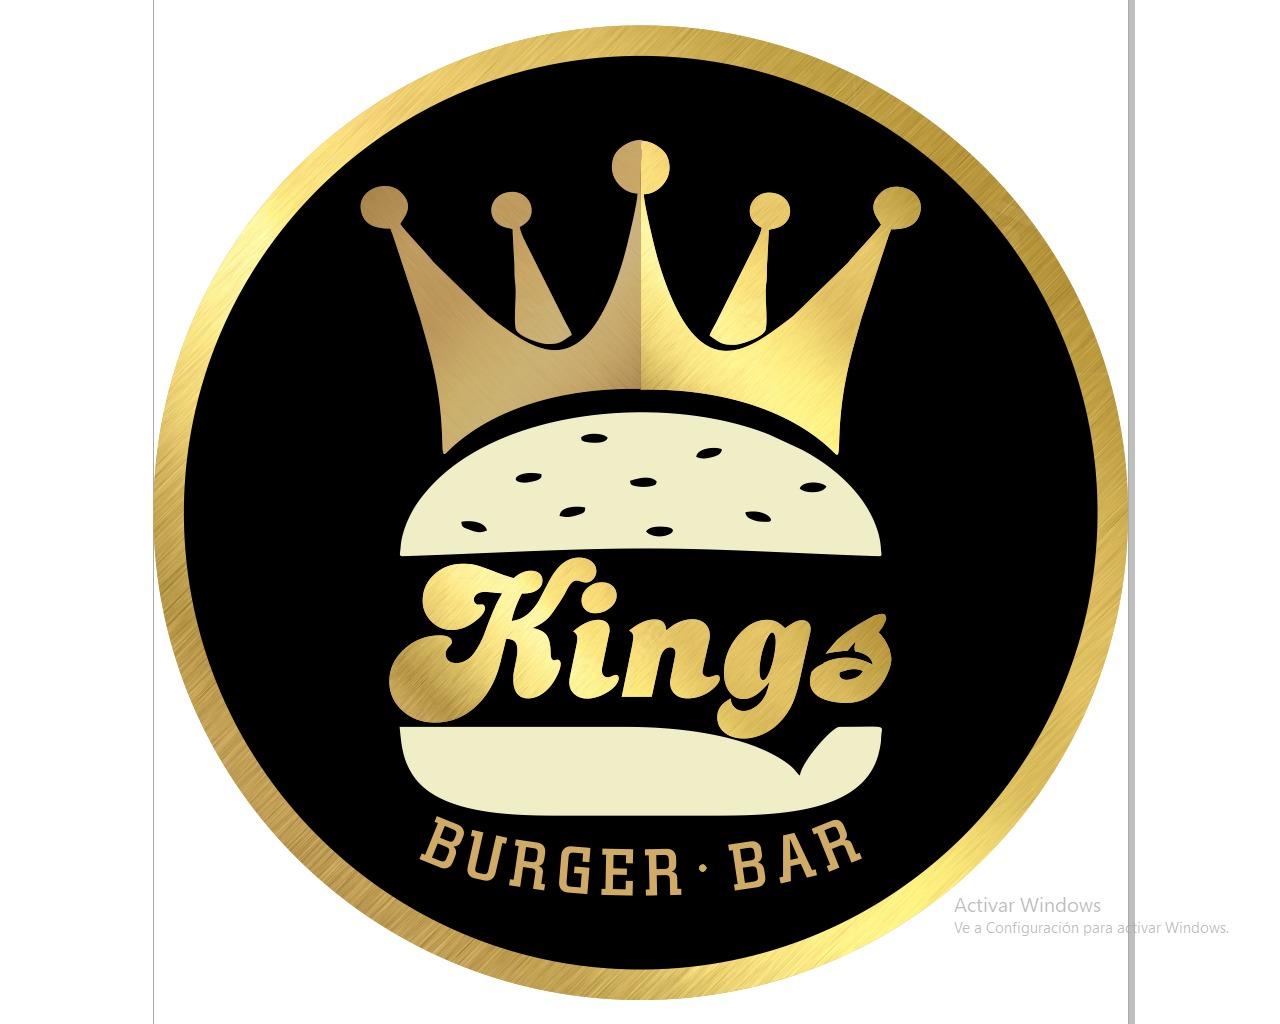 Kings Burger Bar